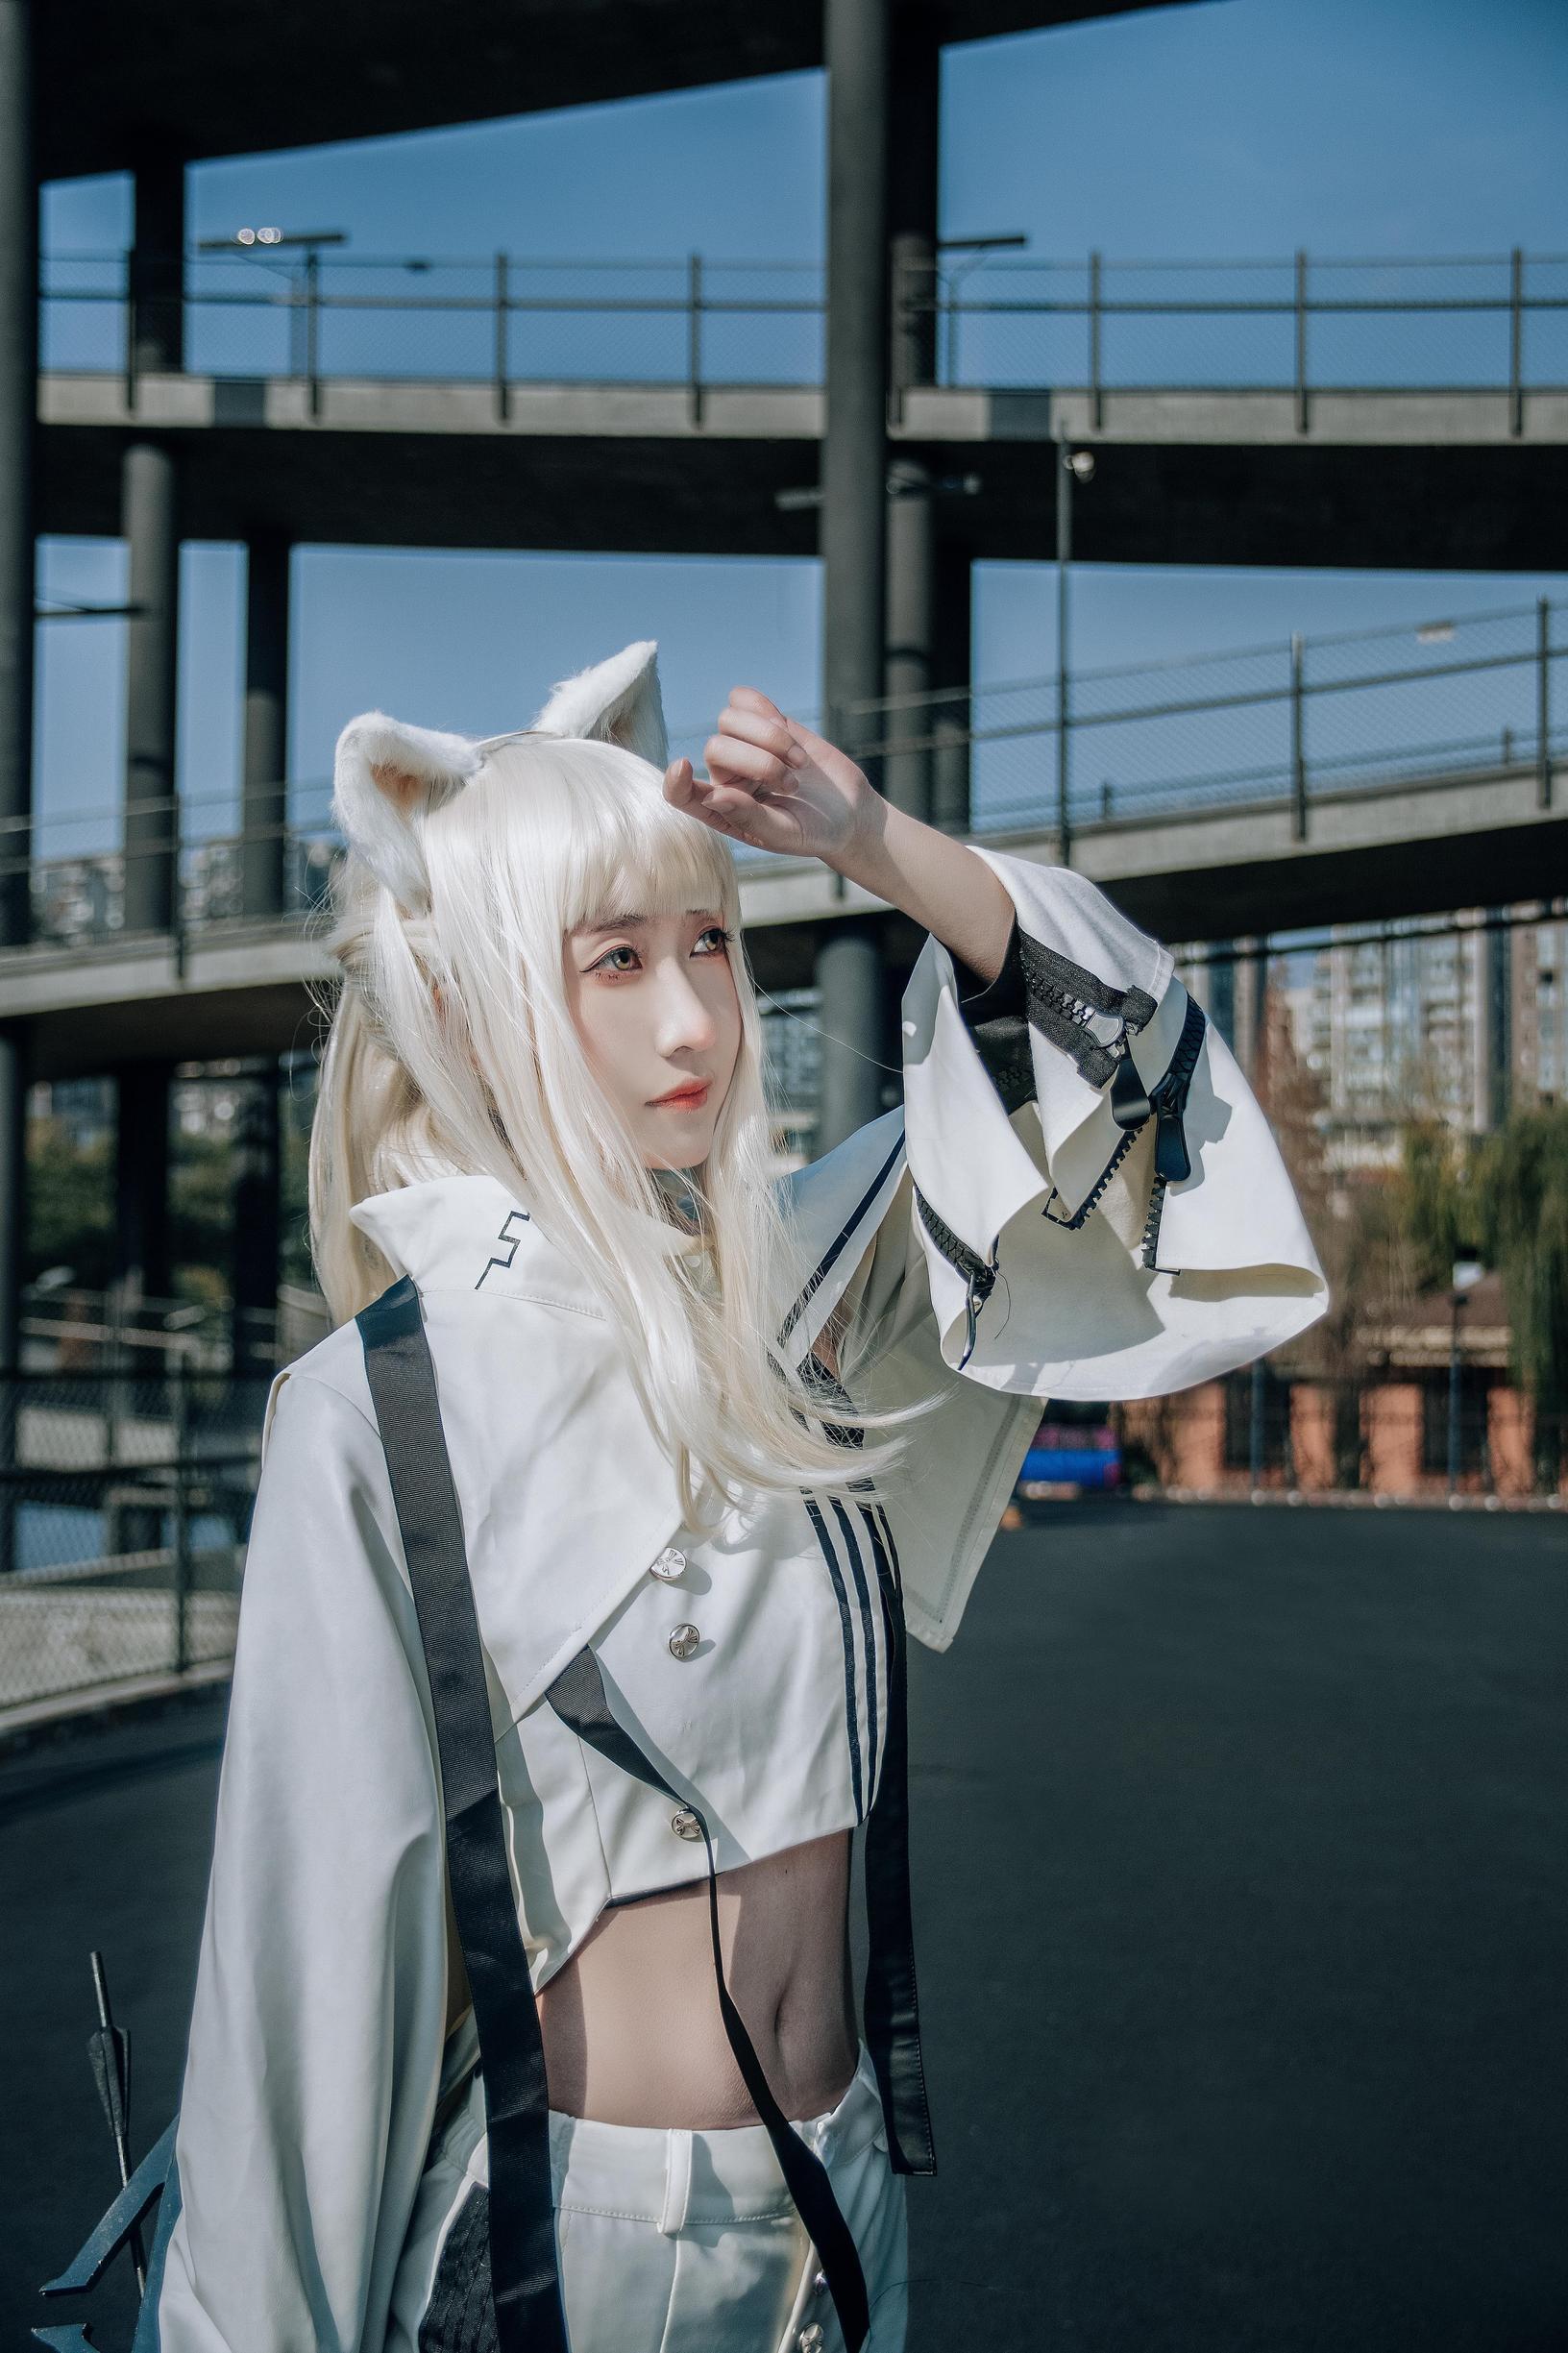 《明日方舟》正片cosplay【CN:羽咲_VedeN】-第11张